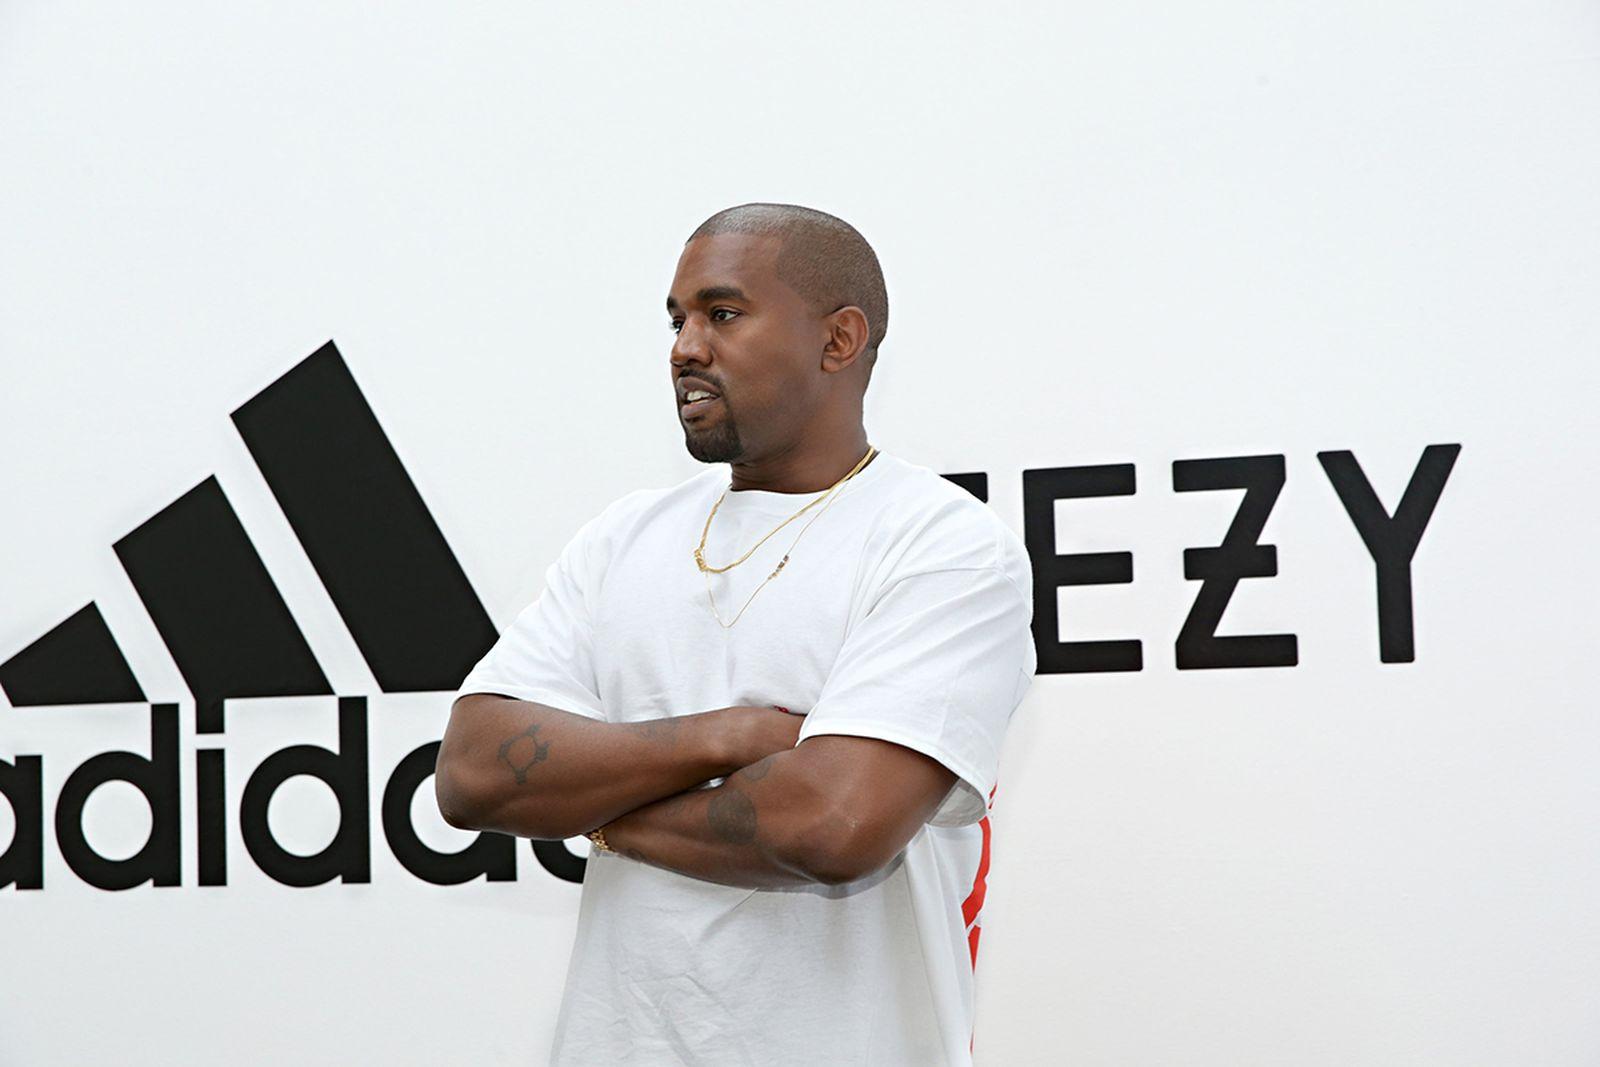 Kanye West adidas YEEZY logo